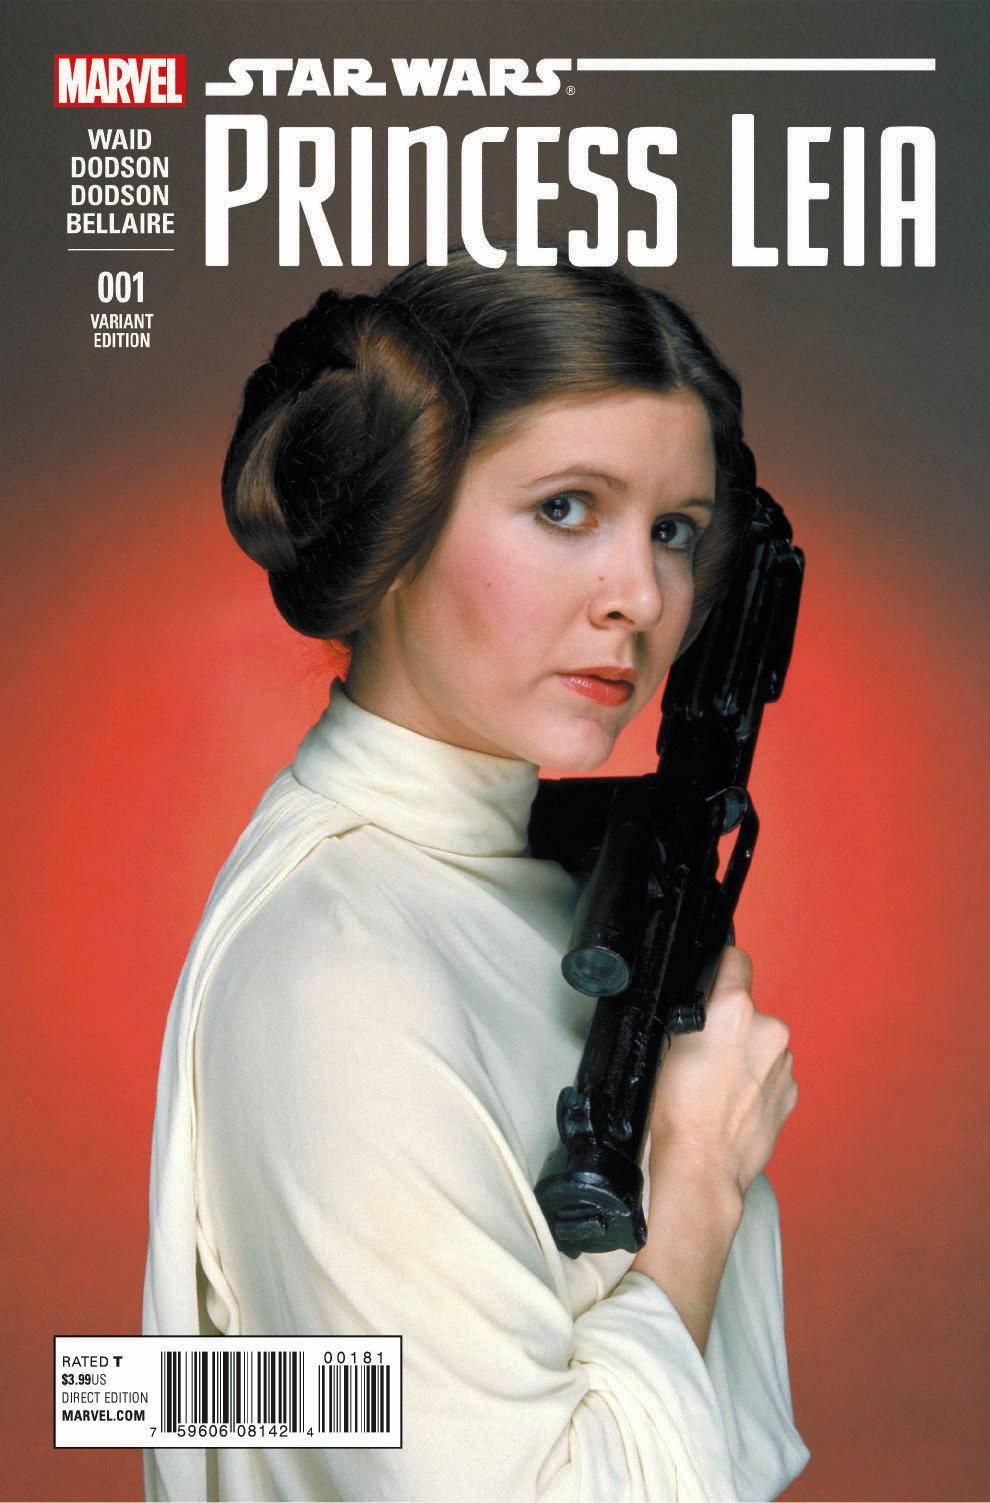 Princess Leia #1 (Movie Variant Cover) (04.03.2015)